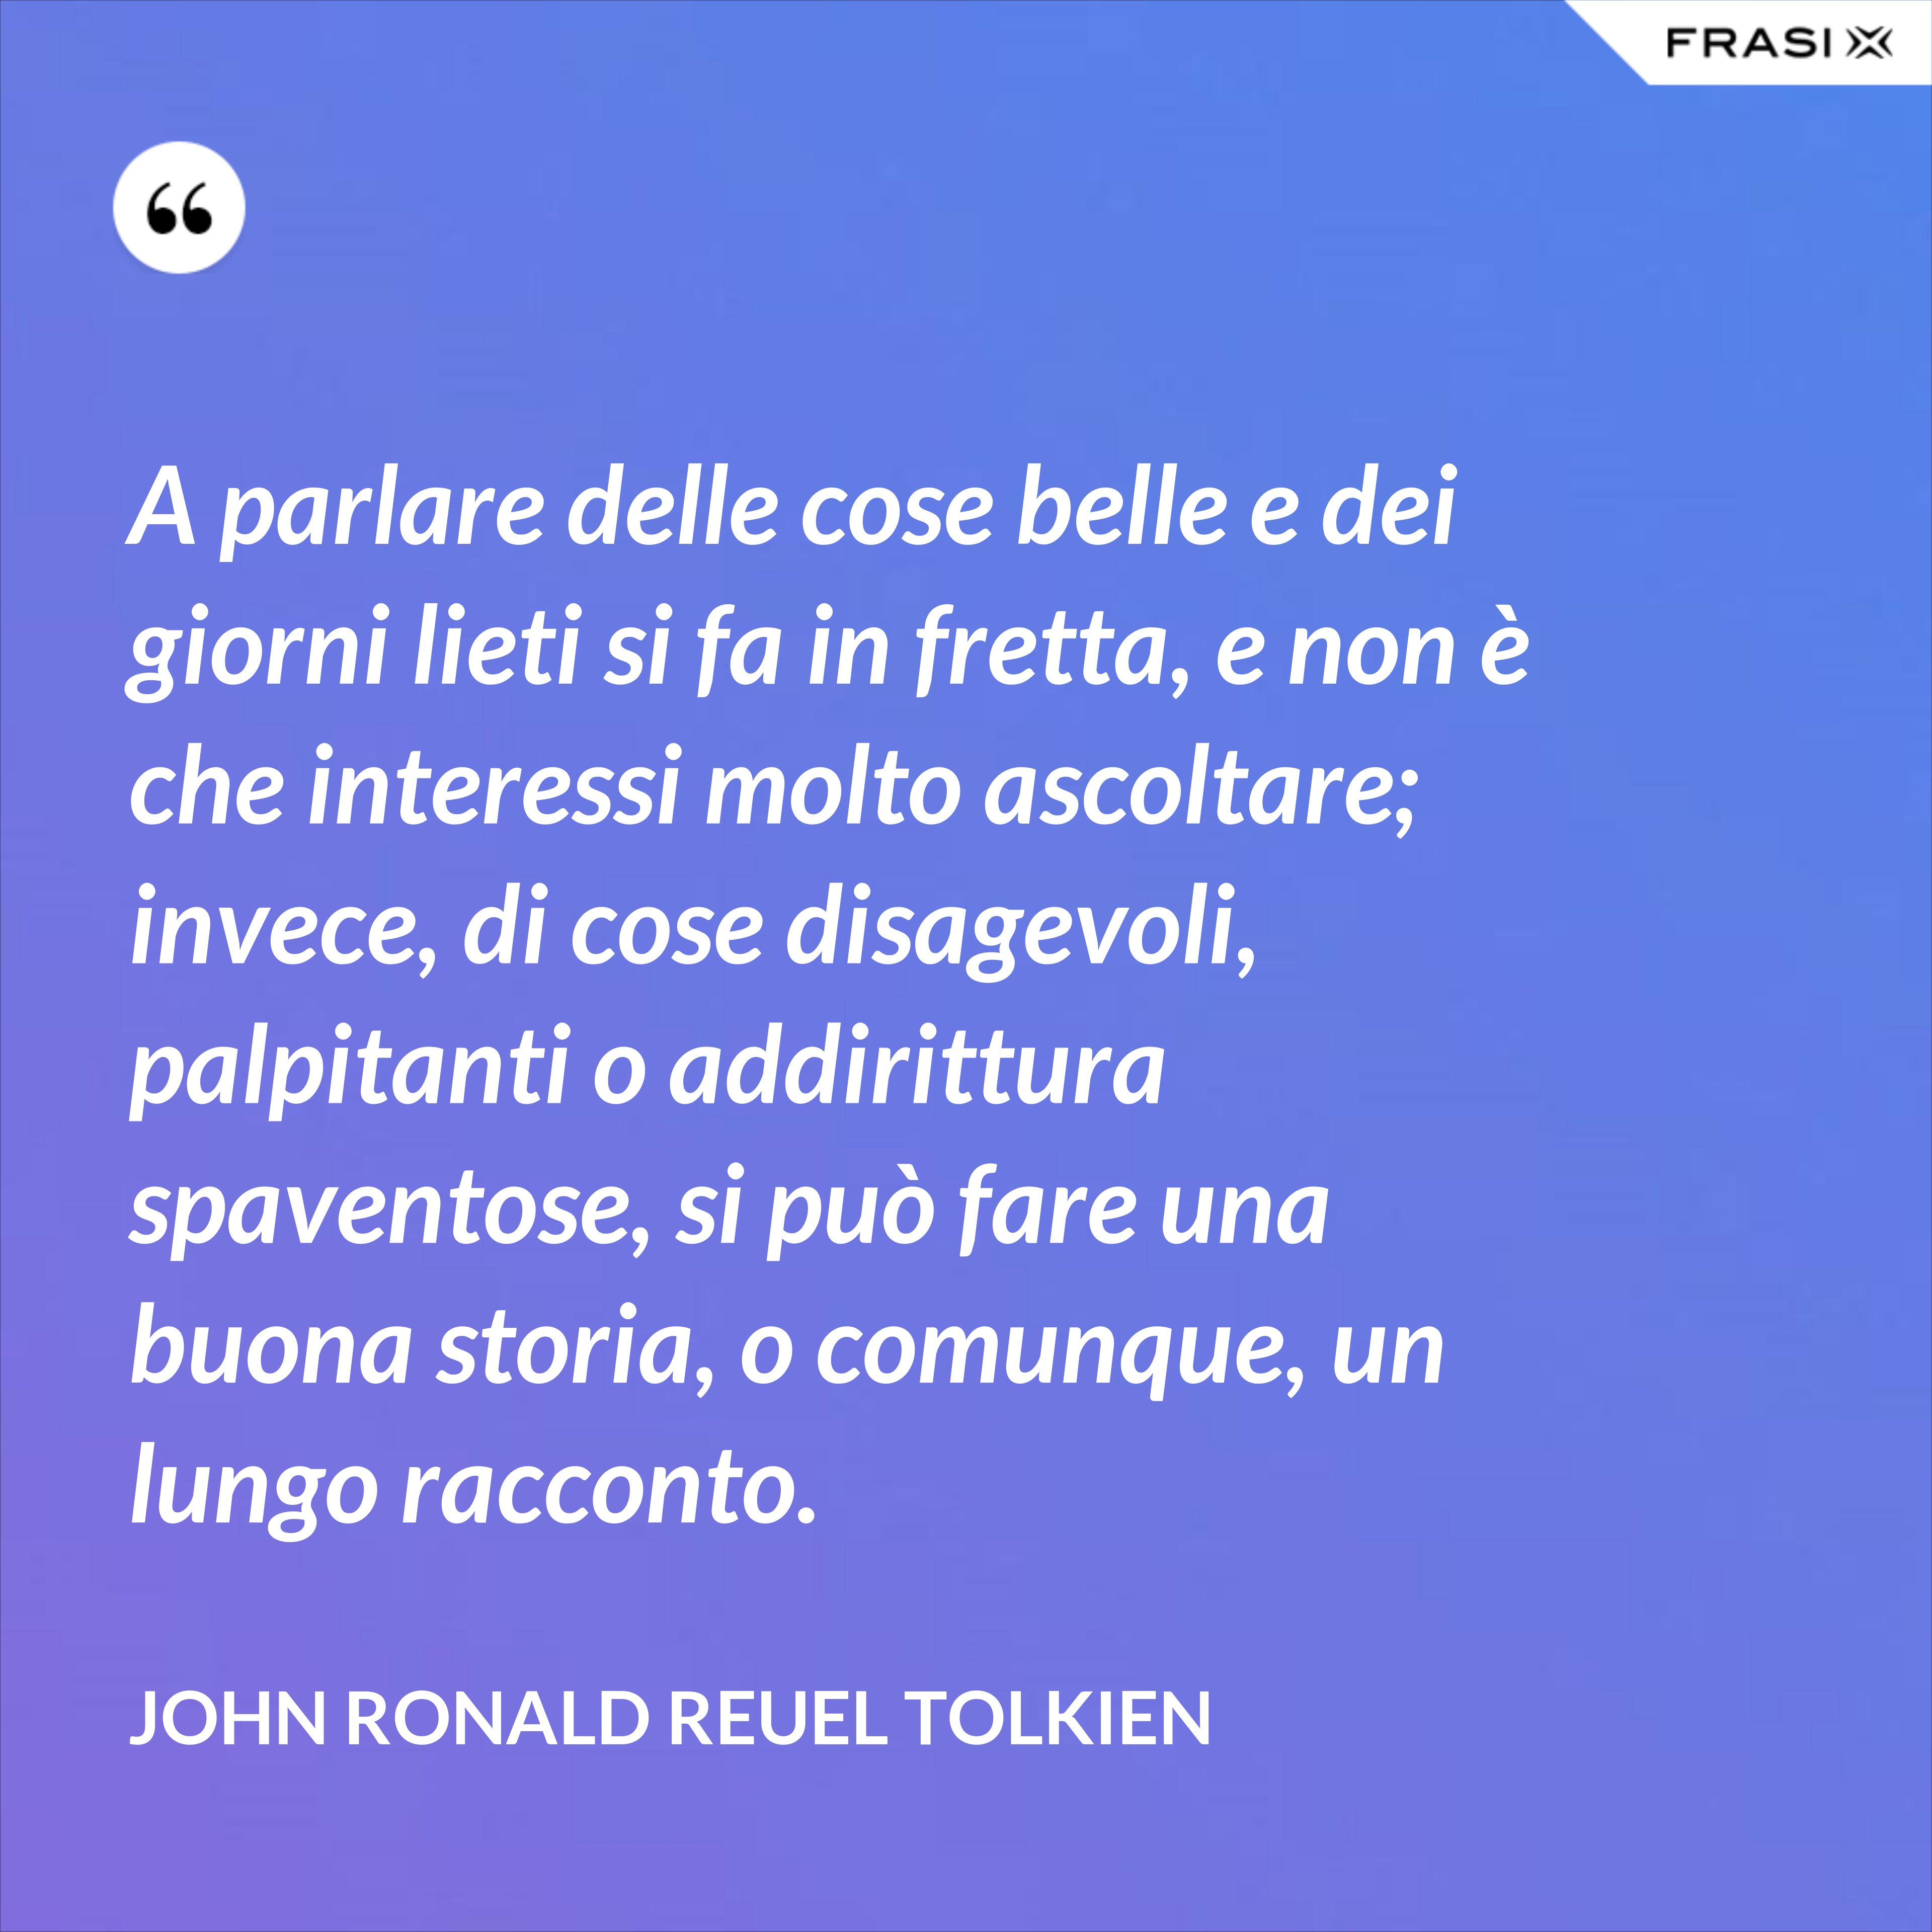 A parlare delle cose belle e dei giorni lieti si fa in fretta, e non è che interessi molto ascoltare; invece, di cose disagevoli, palpitanti o addirittura spaventose, si può fare una buona storia, o comunque, un lungo racconto. - John Ronald Reuel Tolkien